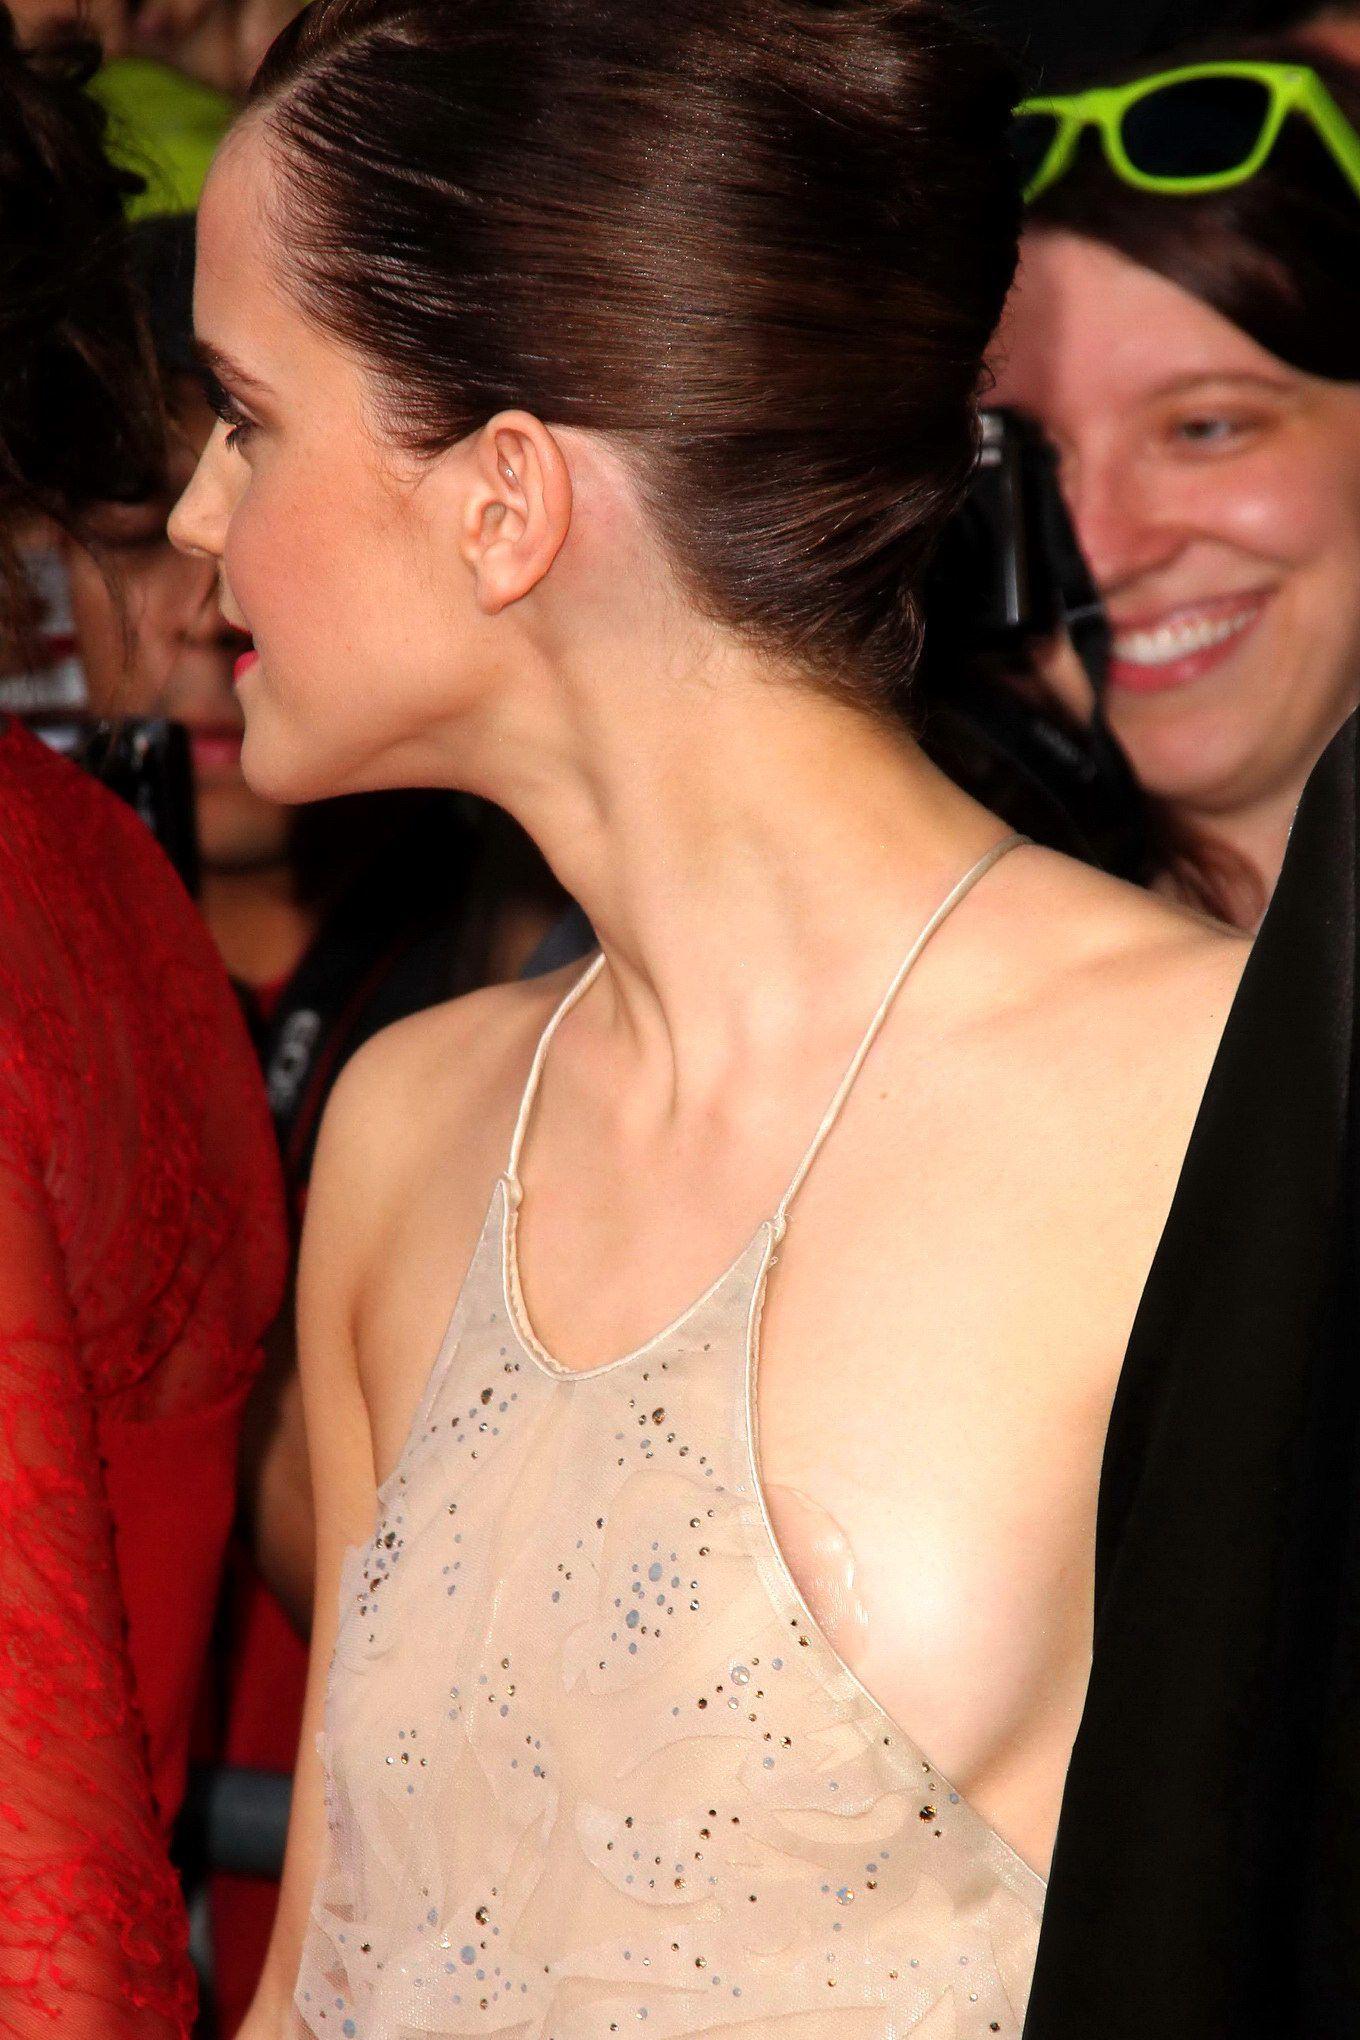 Slip nip emma watson Emma Watson: